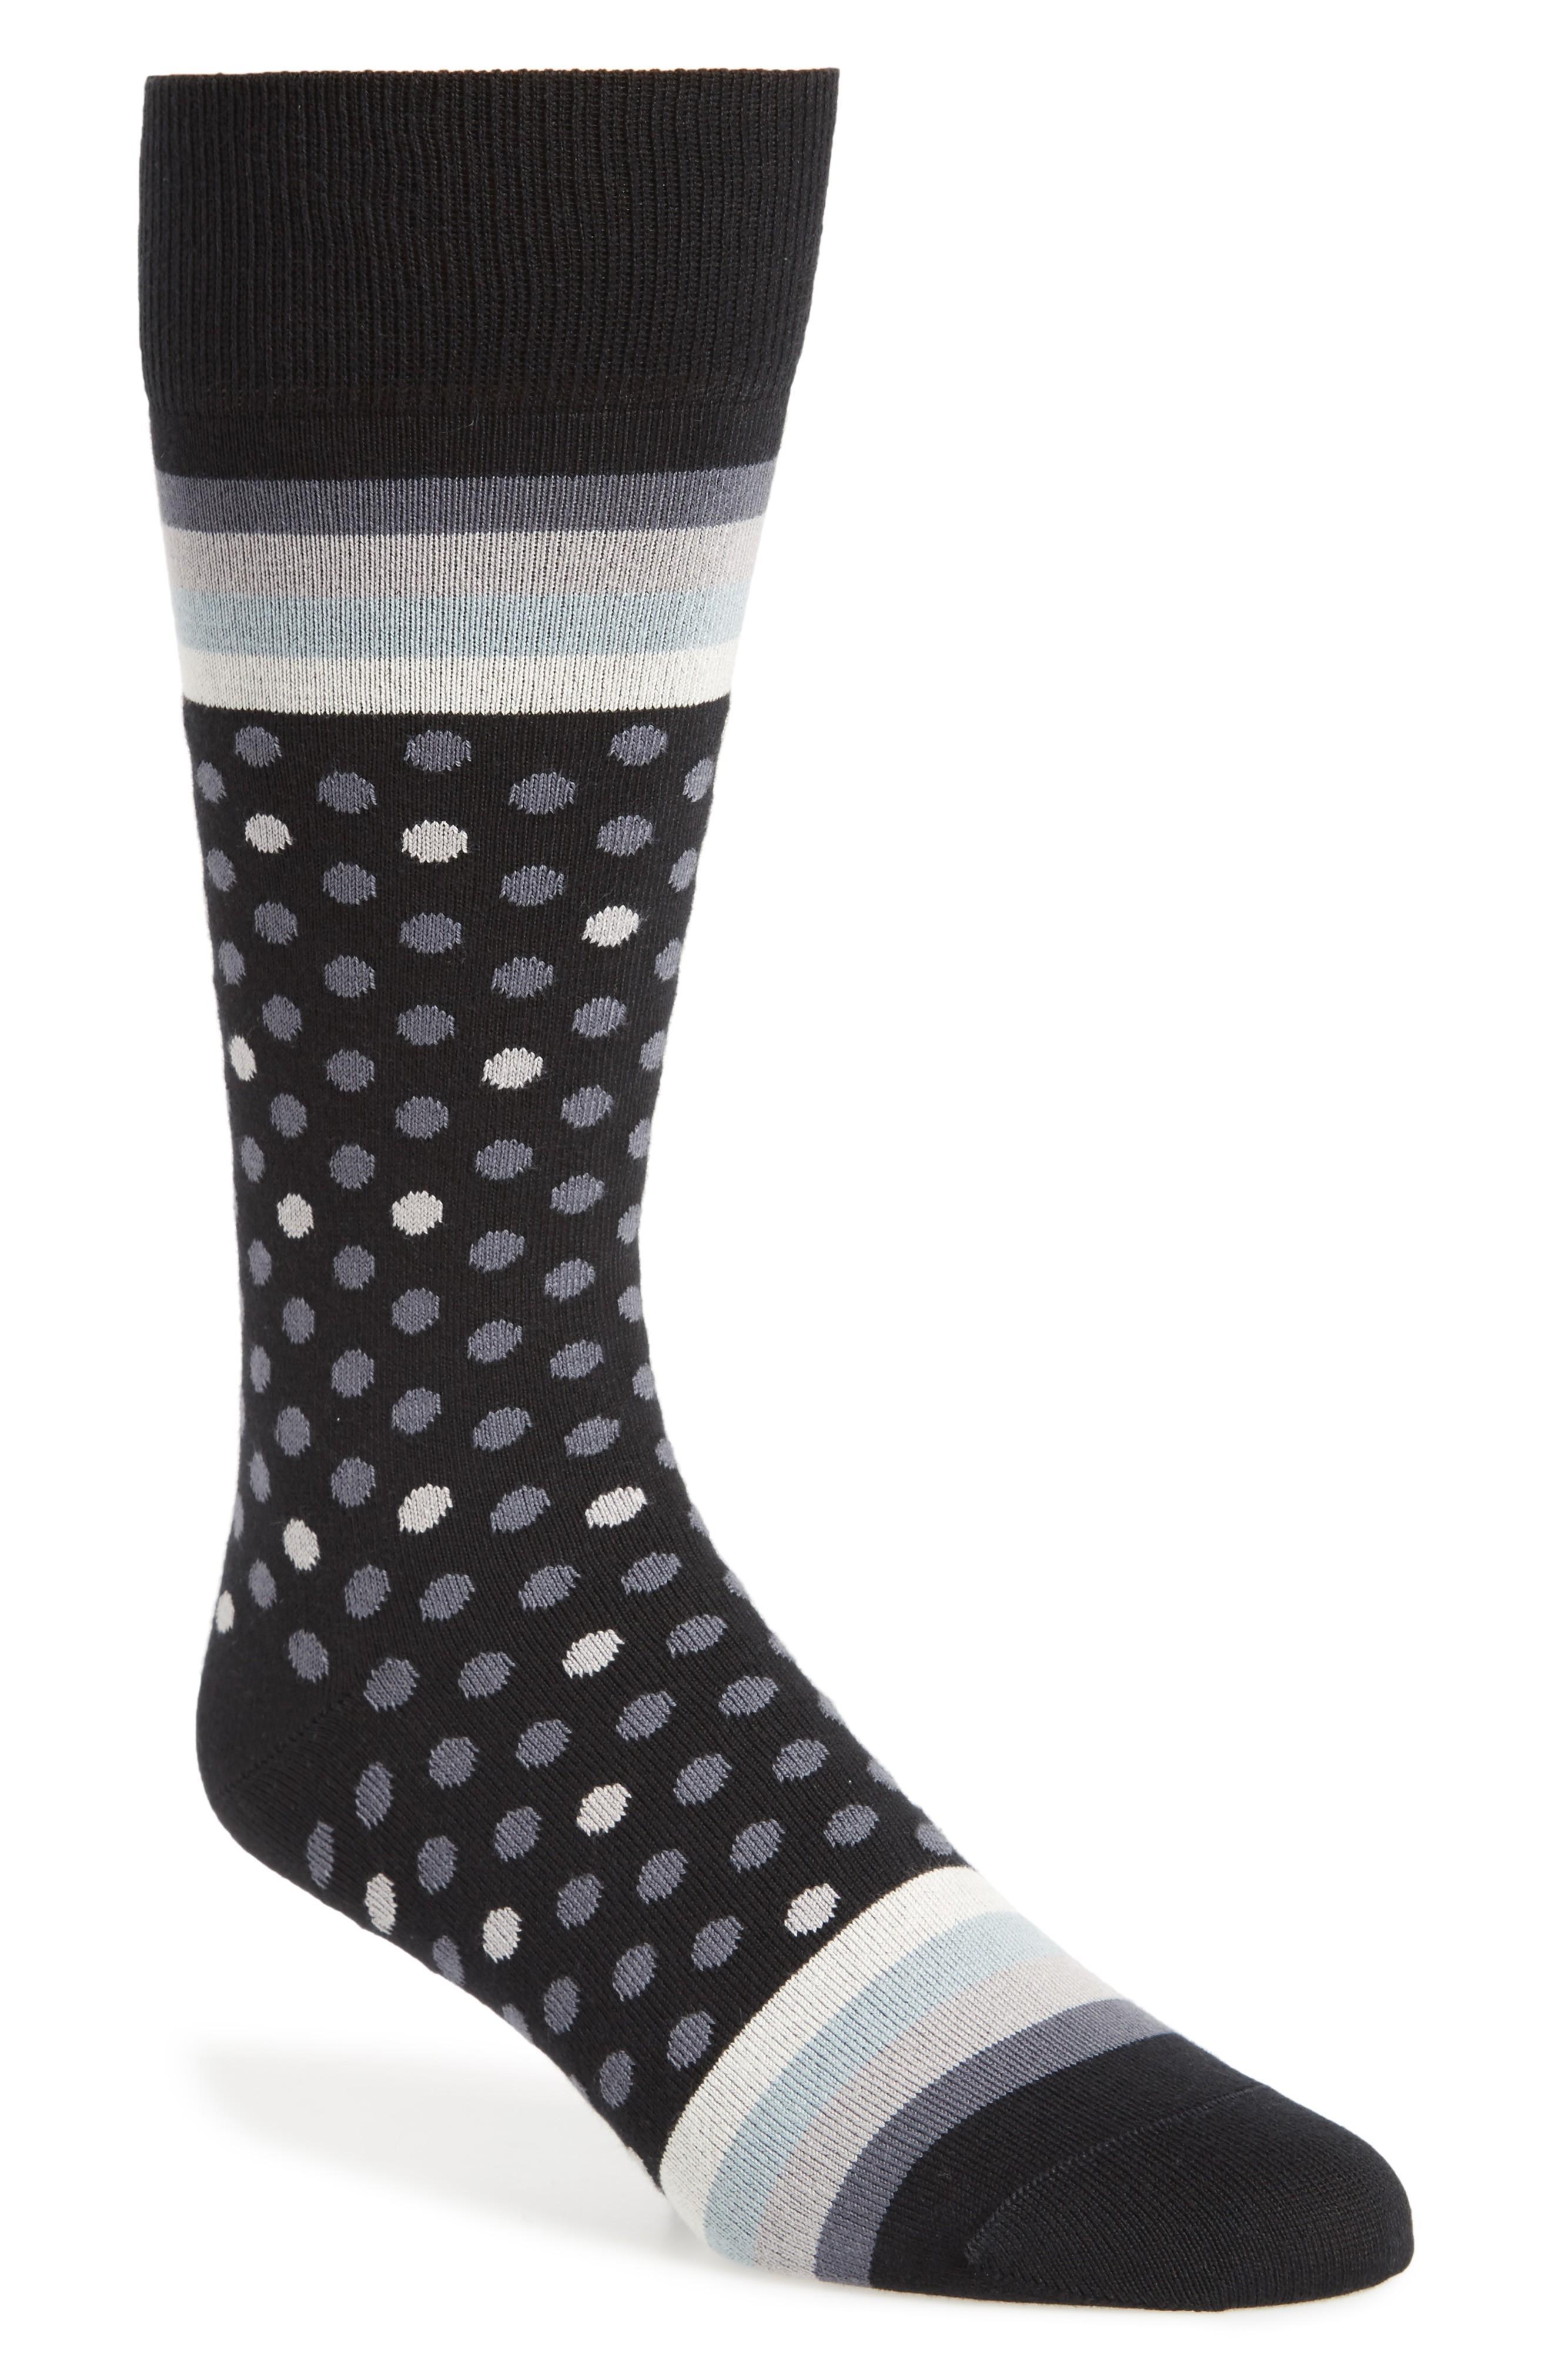 Paul Smith Dot & Stripe Socks In Black/ Grey